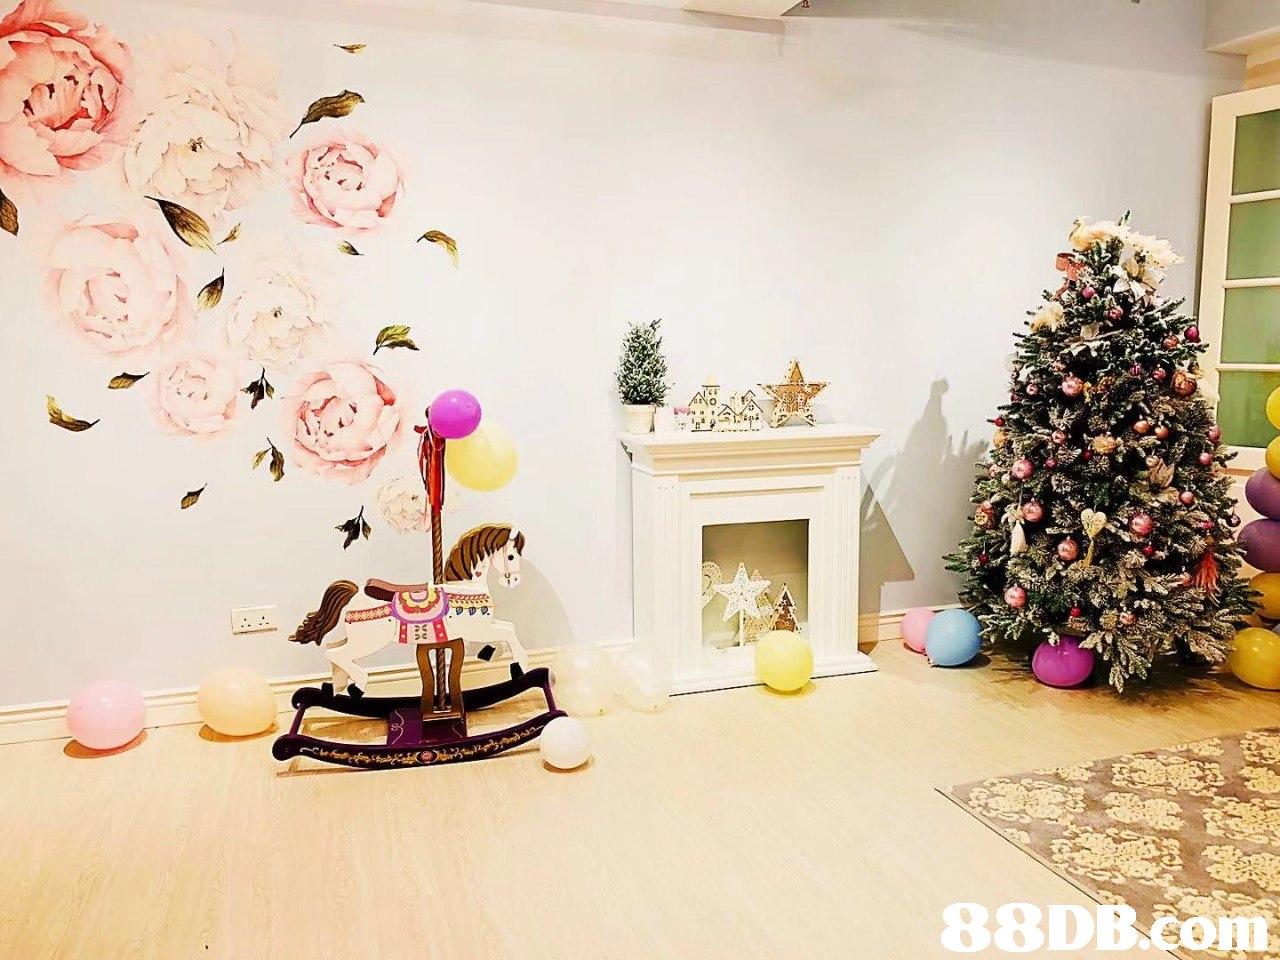 すす夏   room,christmas decoration,interior design,home,decor